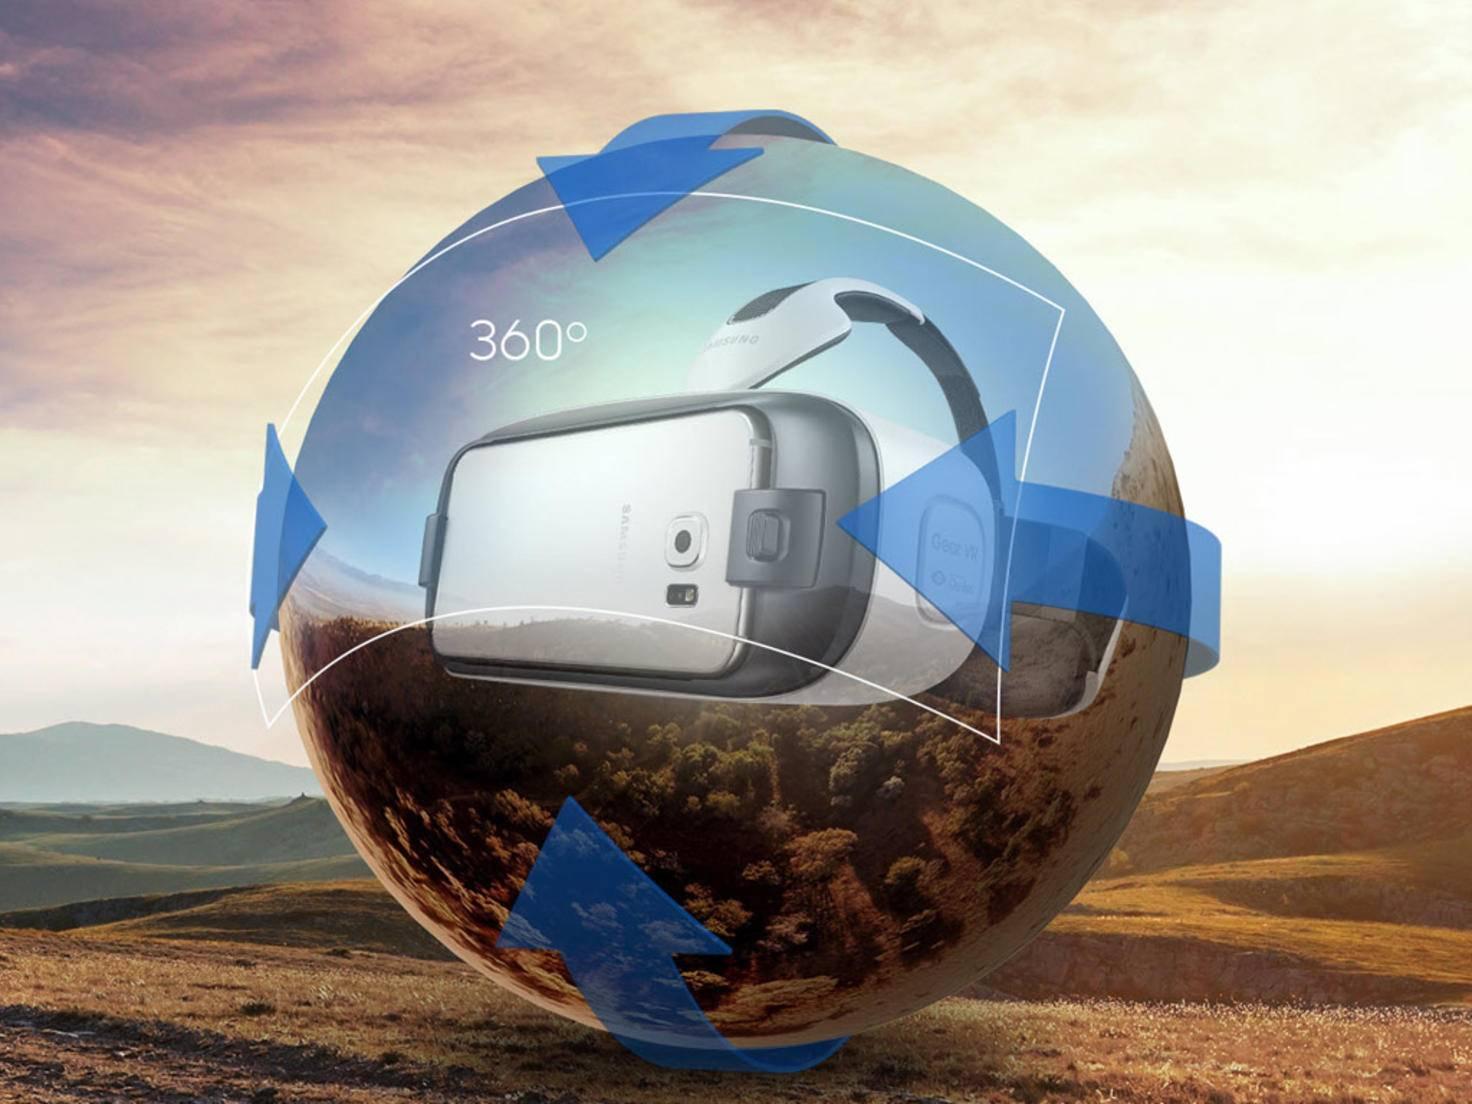 Lebensechte Bilder und 360-Grad-Surround-Seherlebnis.